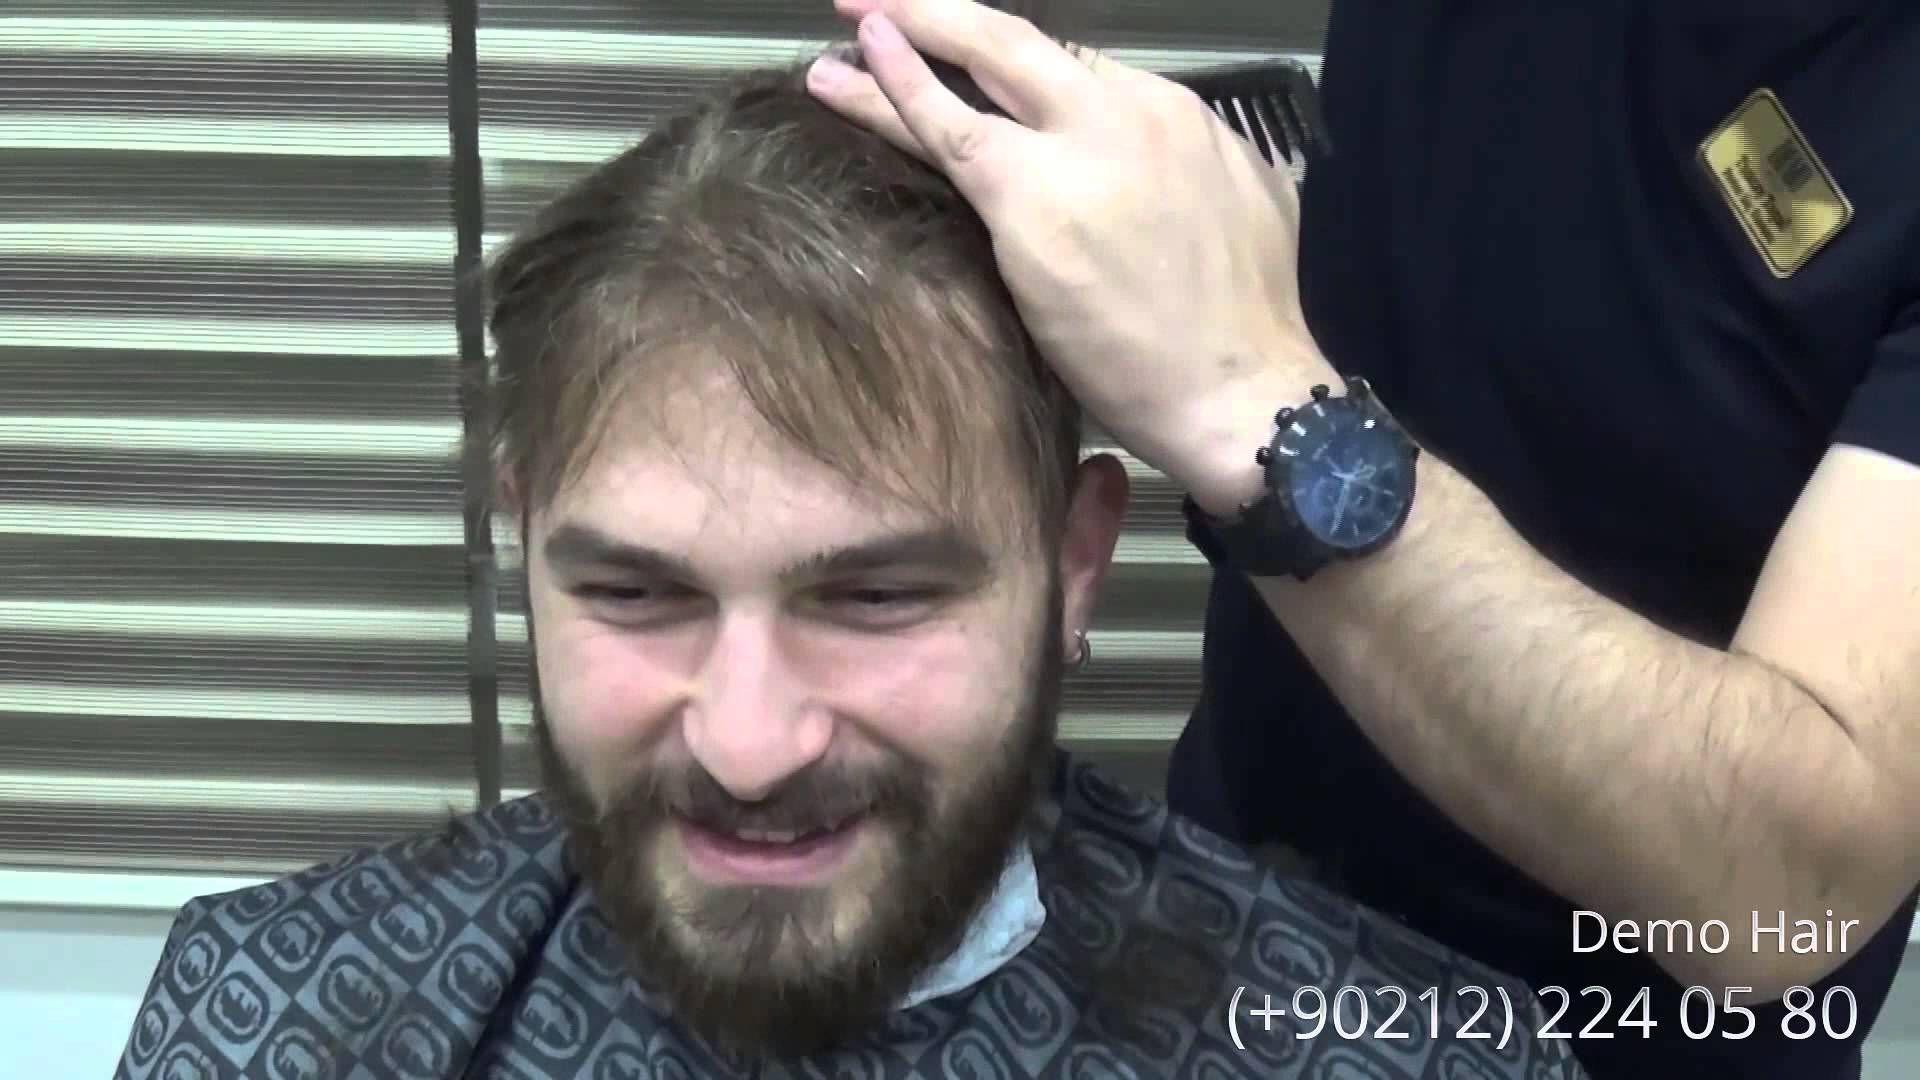 Protez Sac Uygulamasi Demodemo Hair Protezsac Kesim Goruntuleri Yorumu Icin Daha Detayli Bilgi Icin Lutfen Tiklayin Http Www Demohair Com Hair Repla Goruntuler Ile Sac